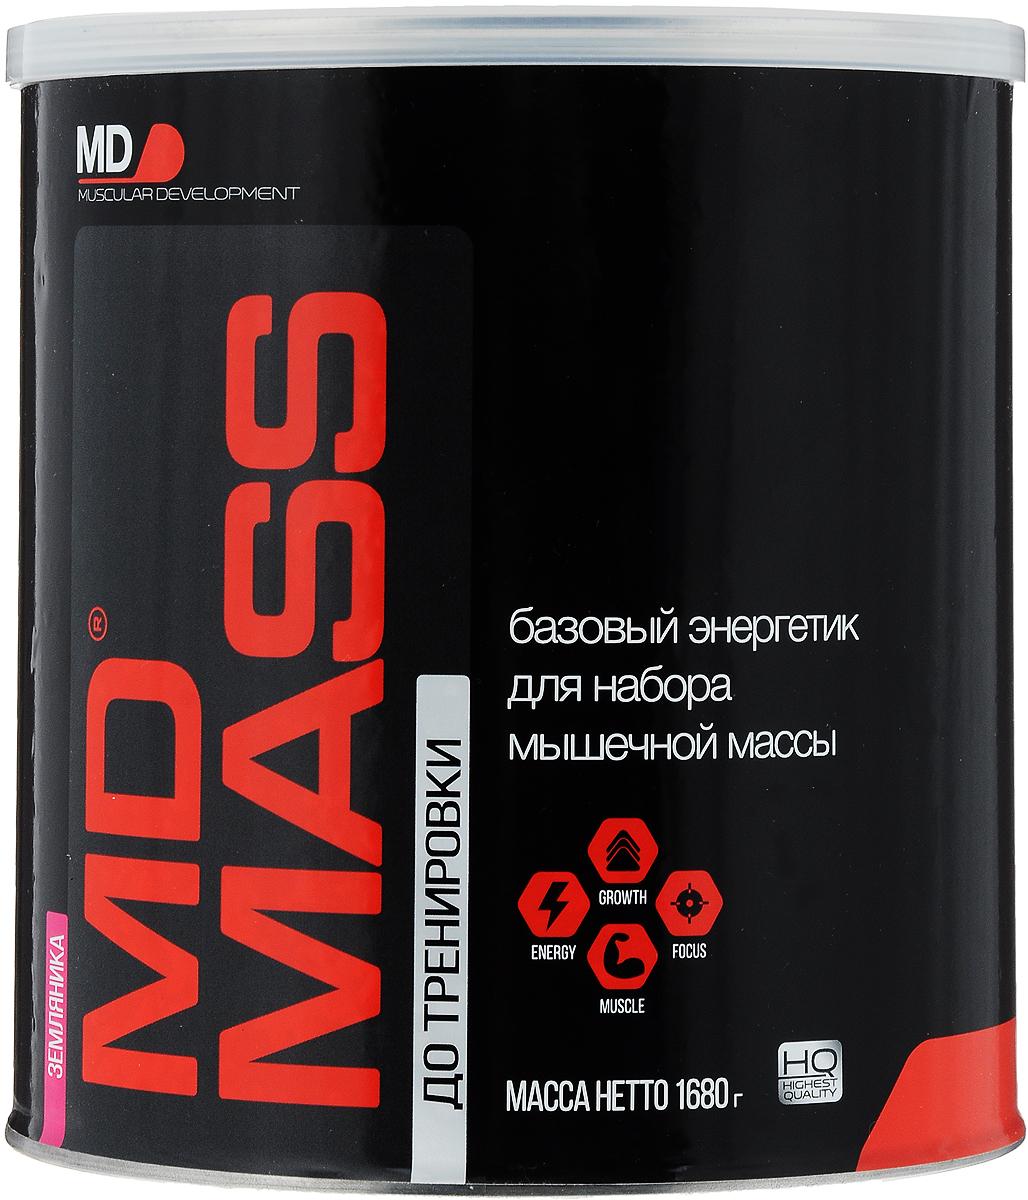 Энергетик MD Масс, земляника, 1,68 кг энергетик md масс земляника 1 68 кг